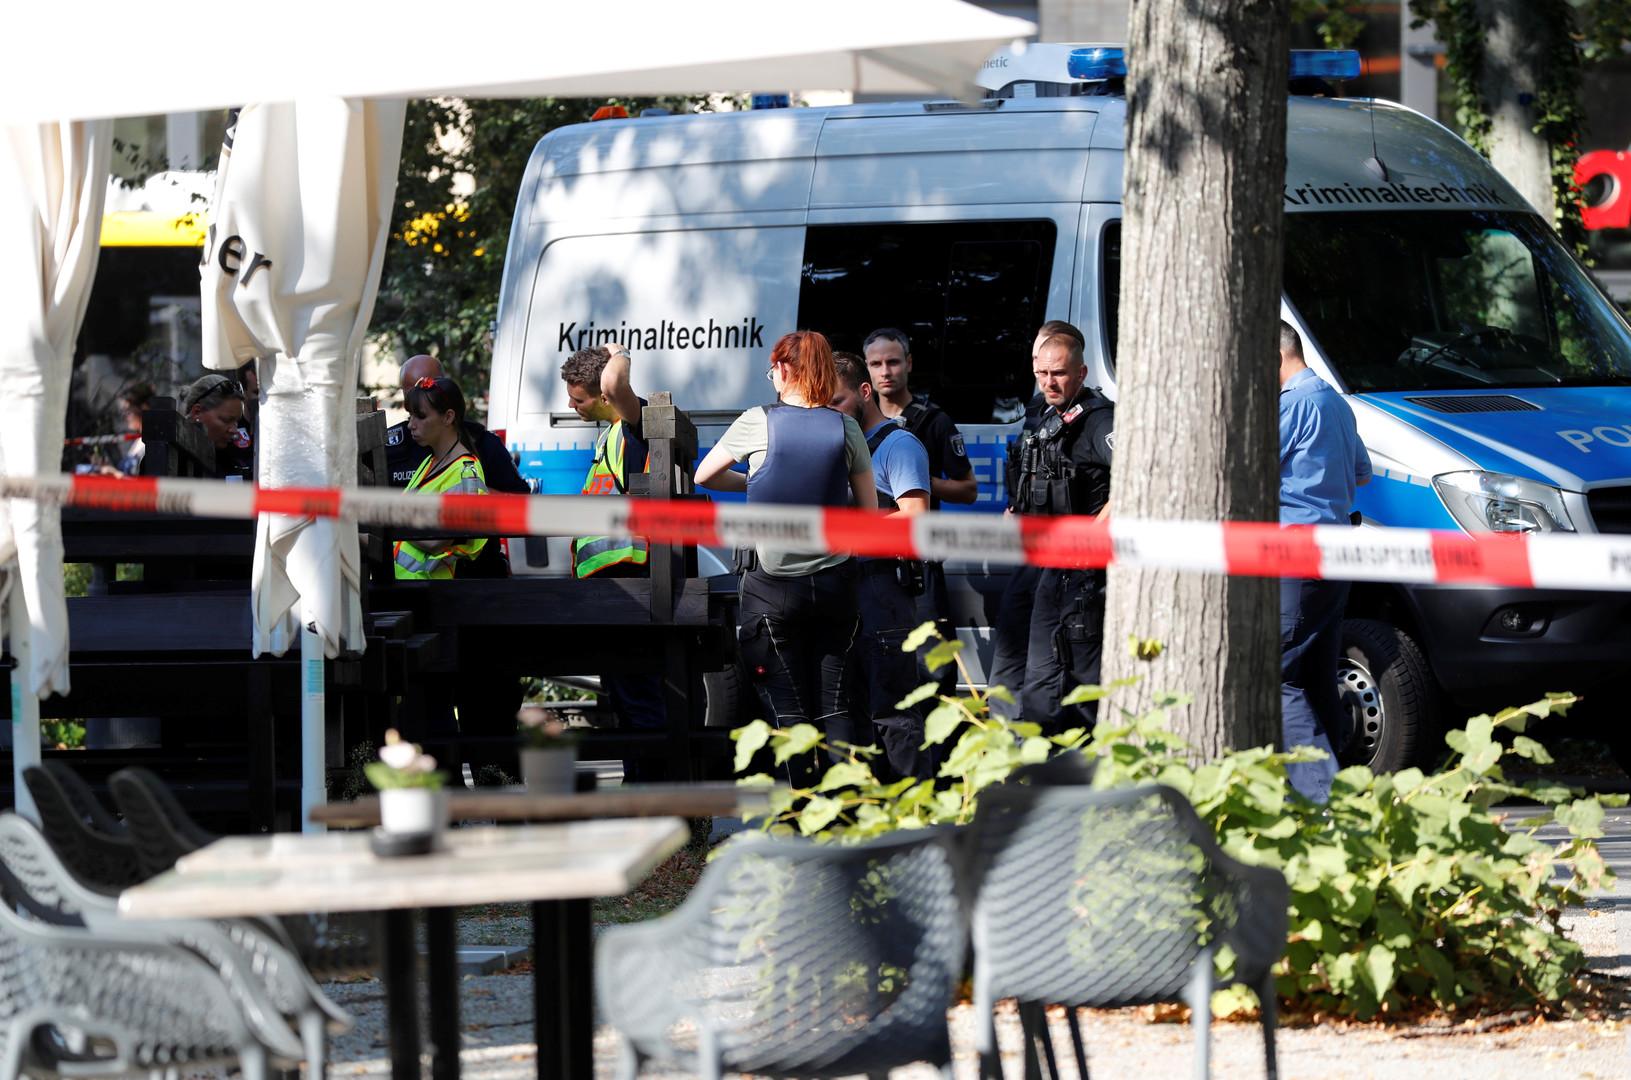 محققون في مكان الجريمة في برلين